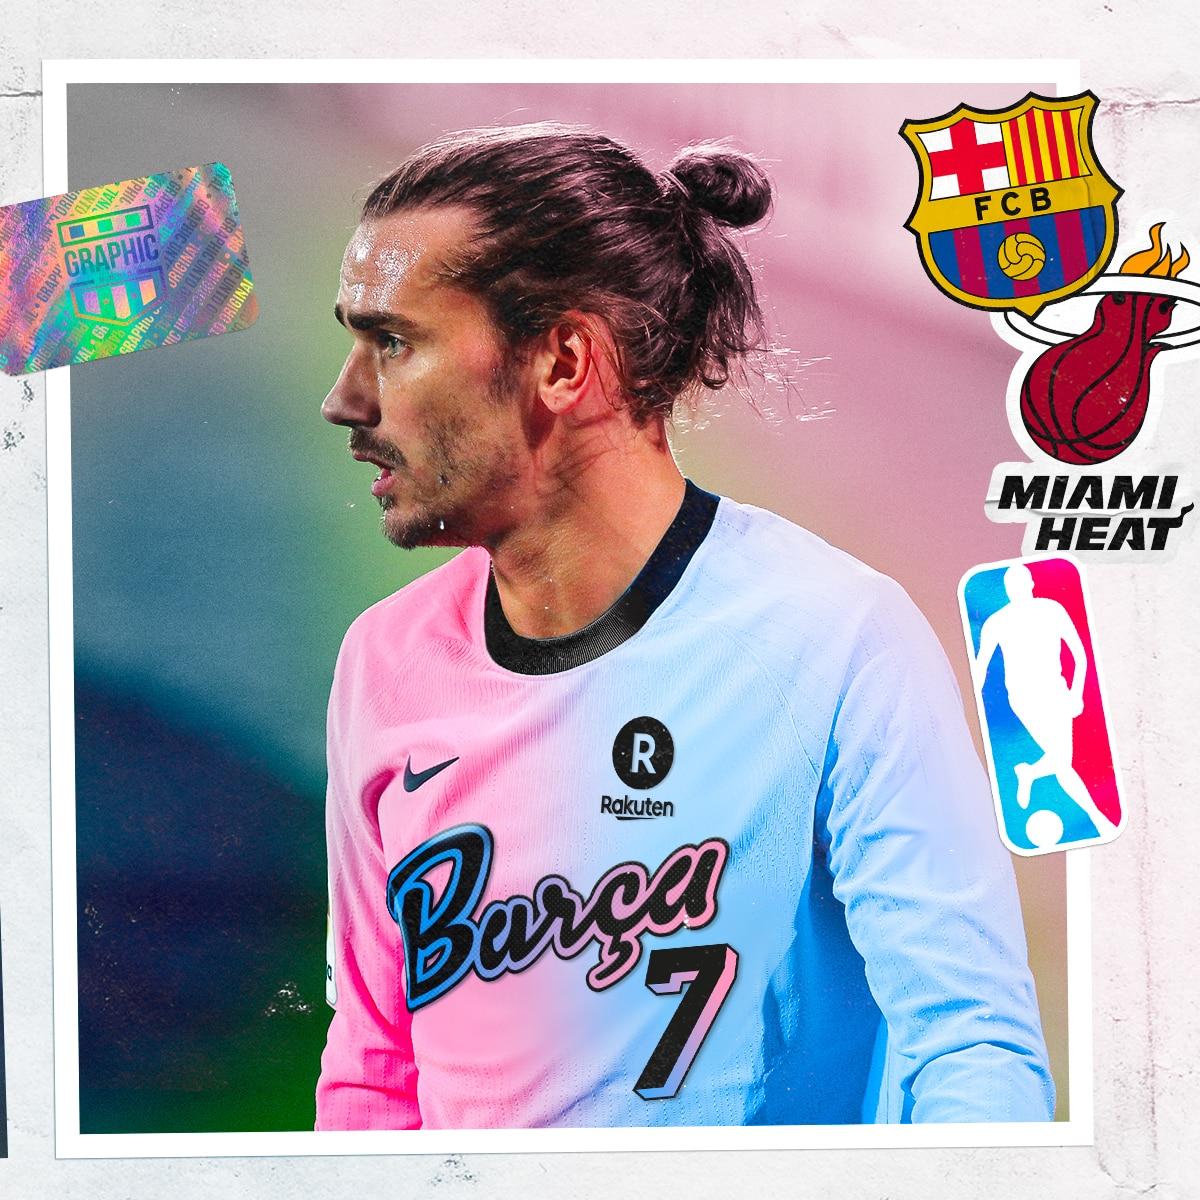 maillot-foot-nba-graphic-untd-fc-barcelone-miami-heat